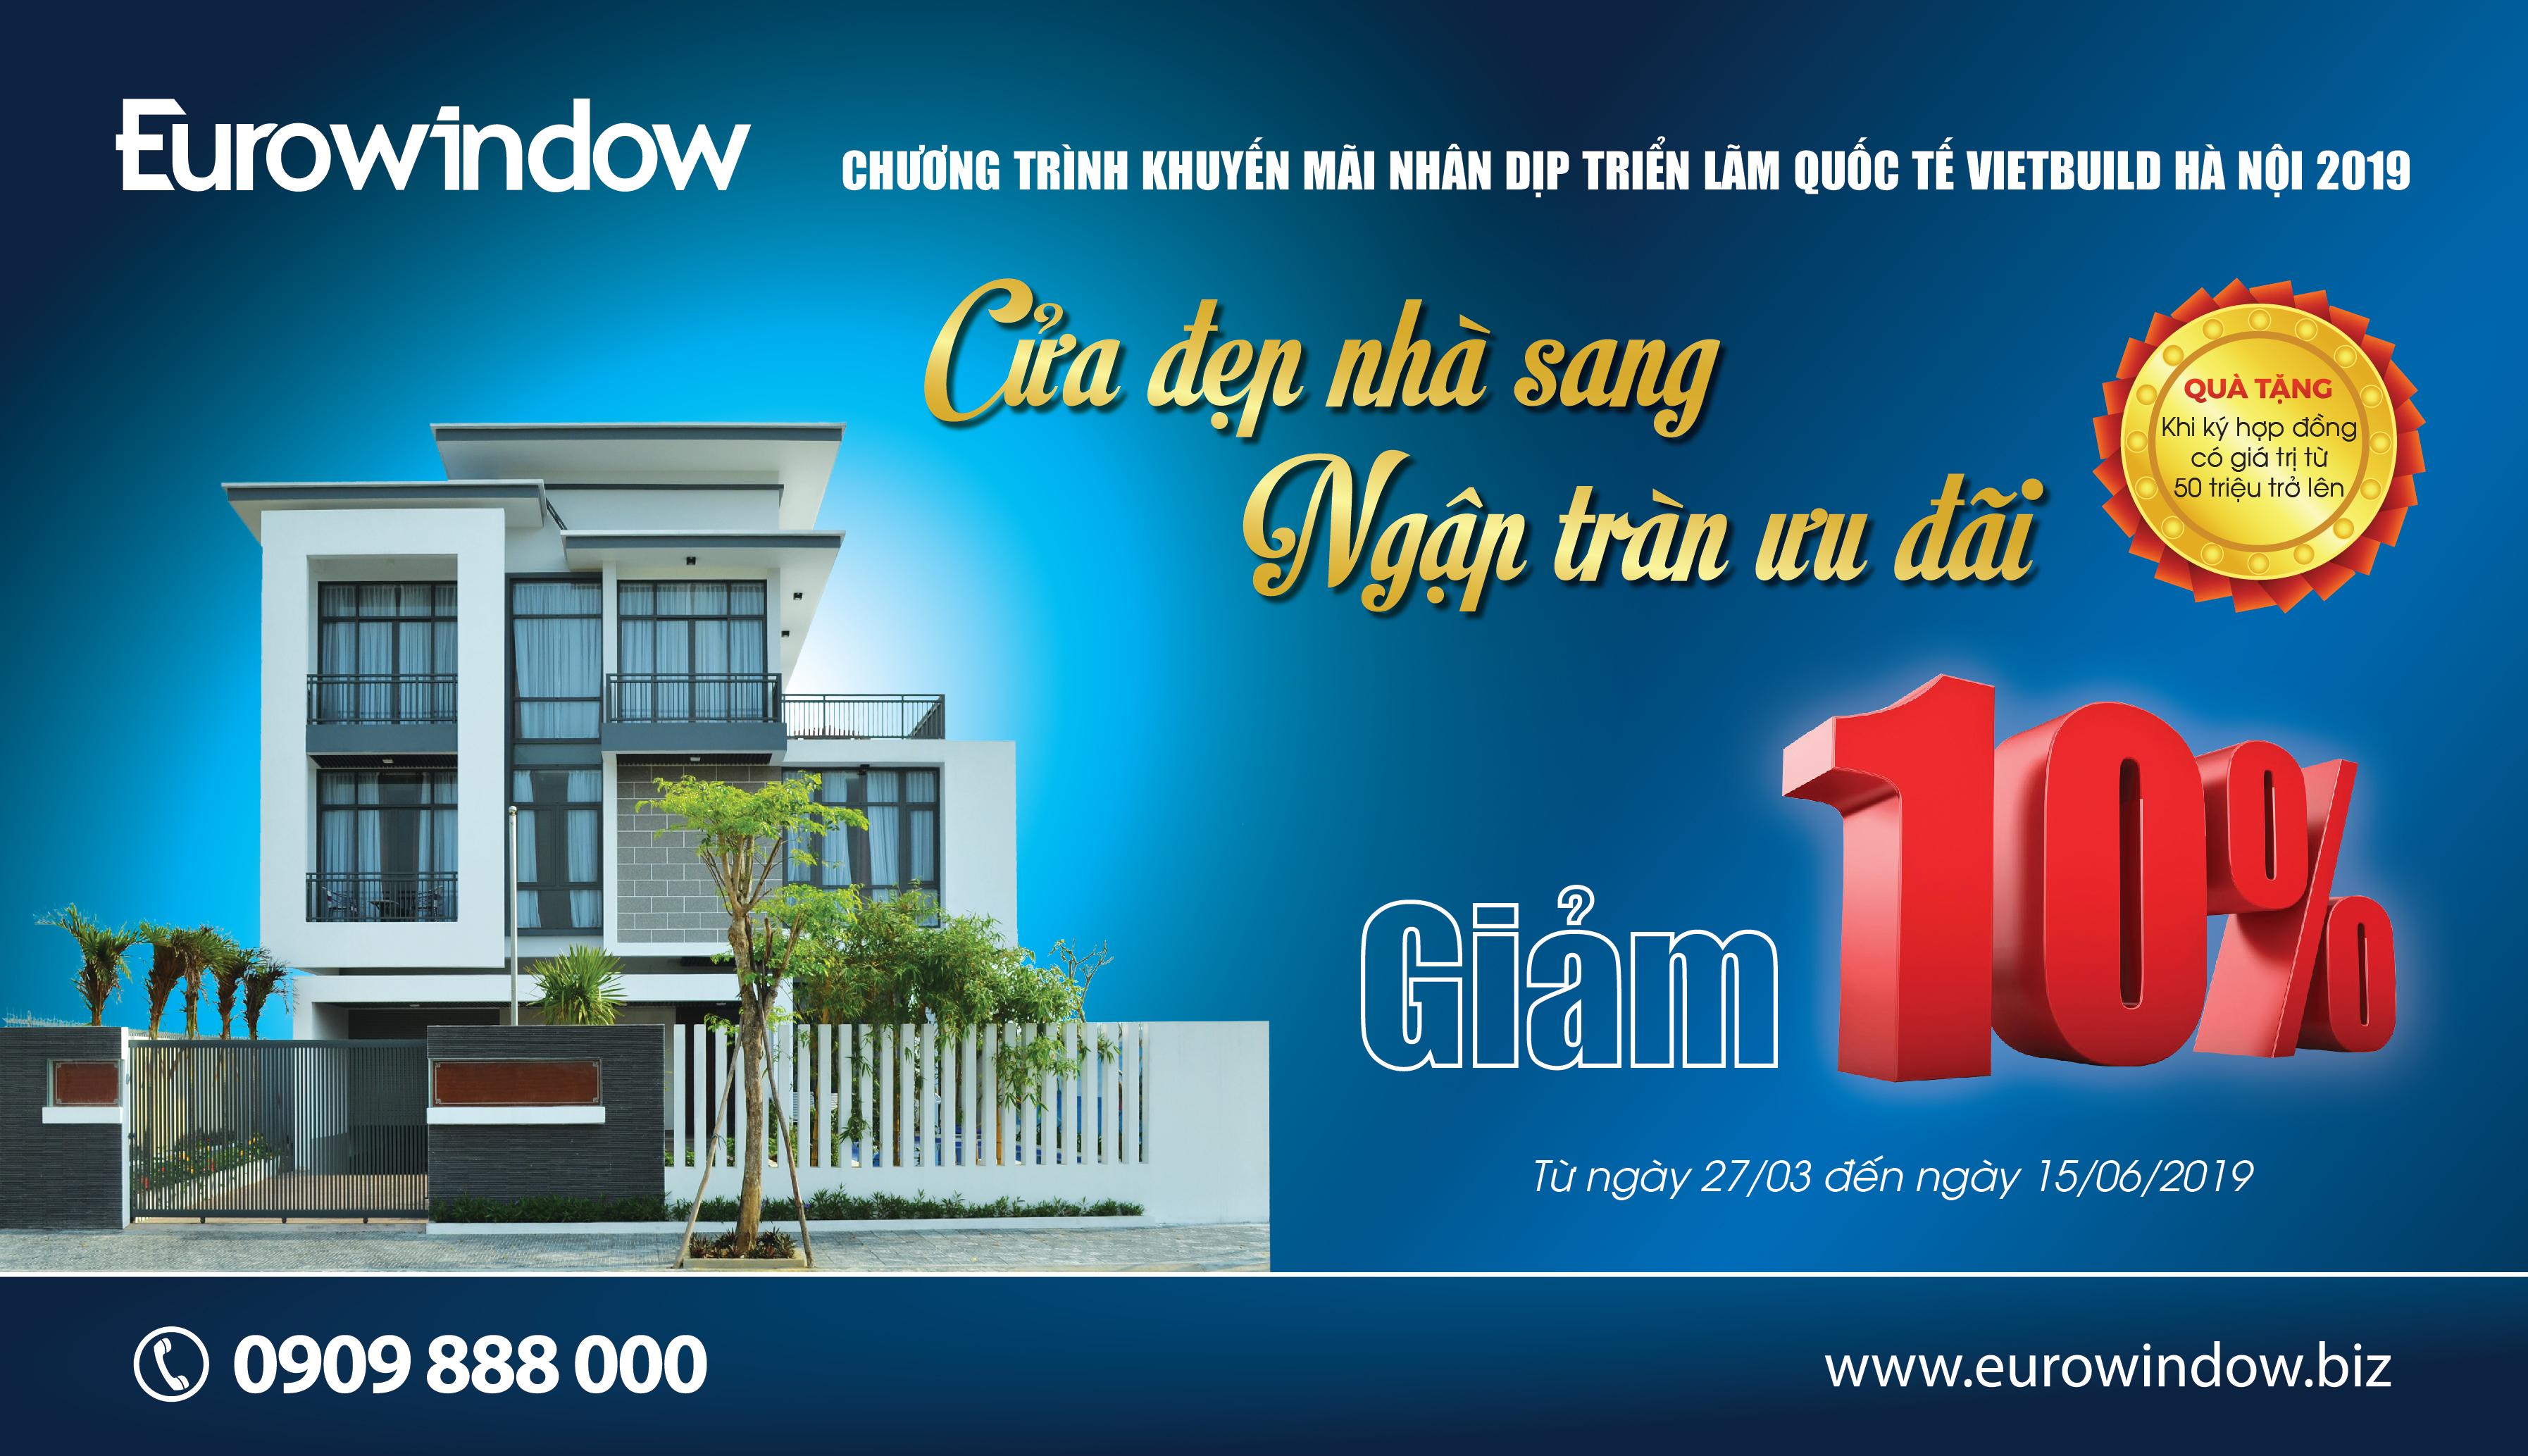 Để tri ân khách hàng, nhân dịp Vietbuild Hà Nội 2019, Eurowindow khuyến mãi giảm 10% tất cả sản phẩm và tặng quà cho các HĐ có giá trị từ 50 triệu đồng trở lên